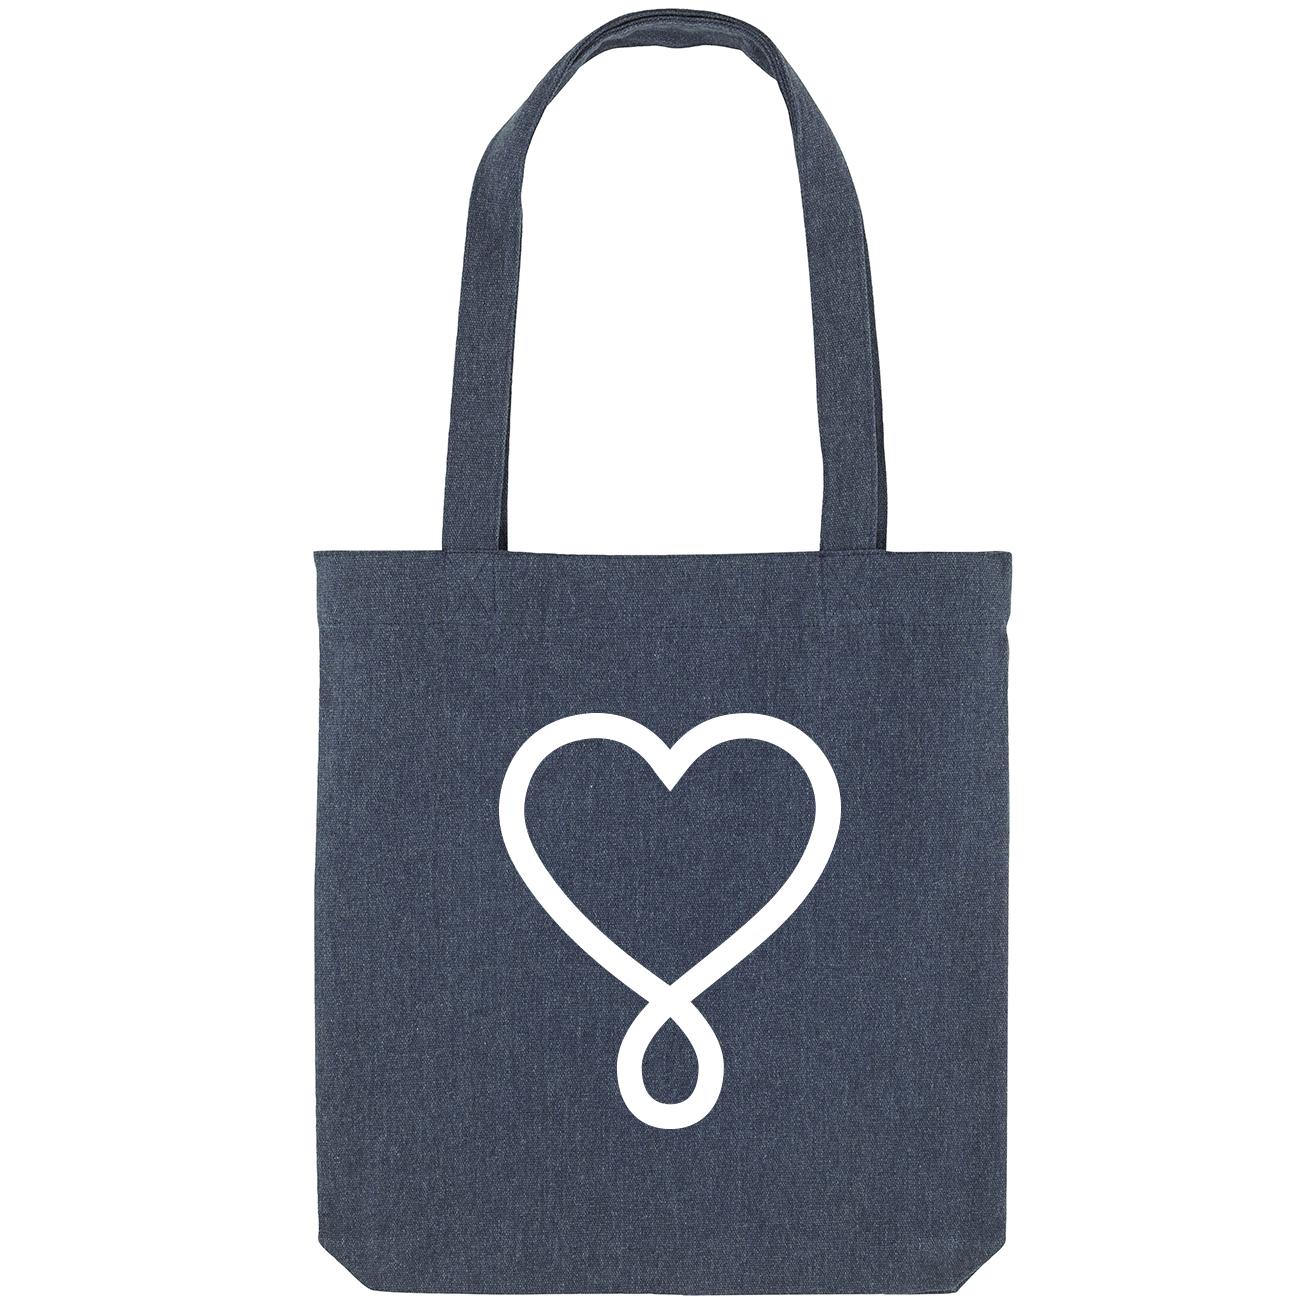 High vibe Love Tote, perfekt für deine Yoga Klamotten, Einkäufe oder auch das Strandhandtuch!